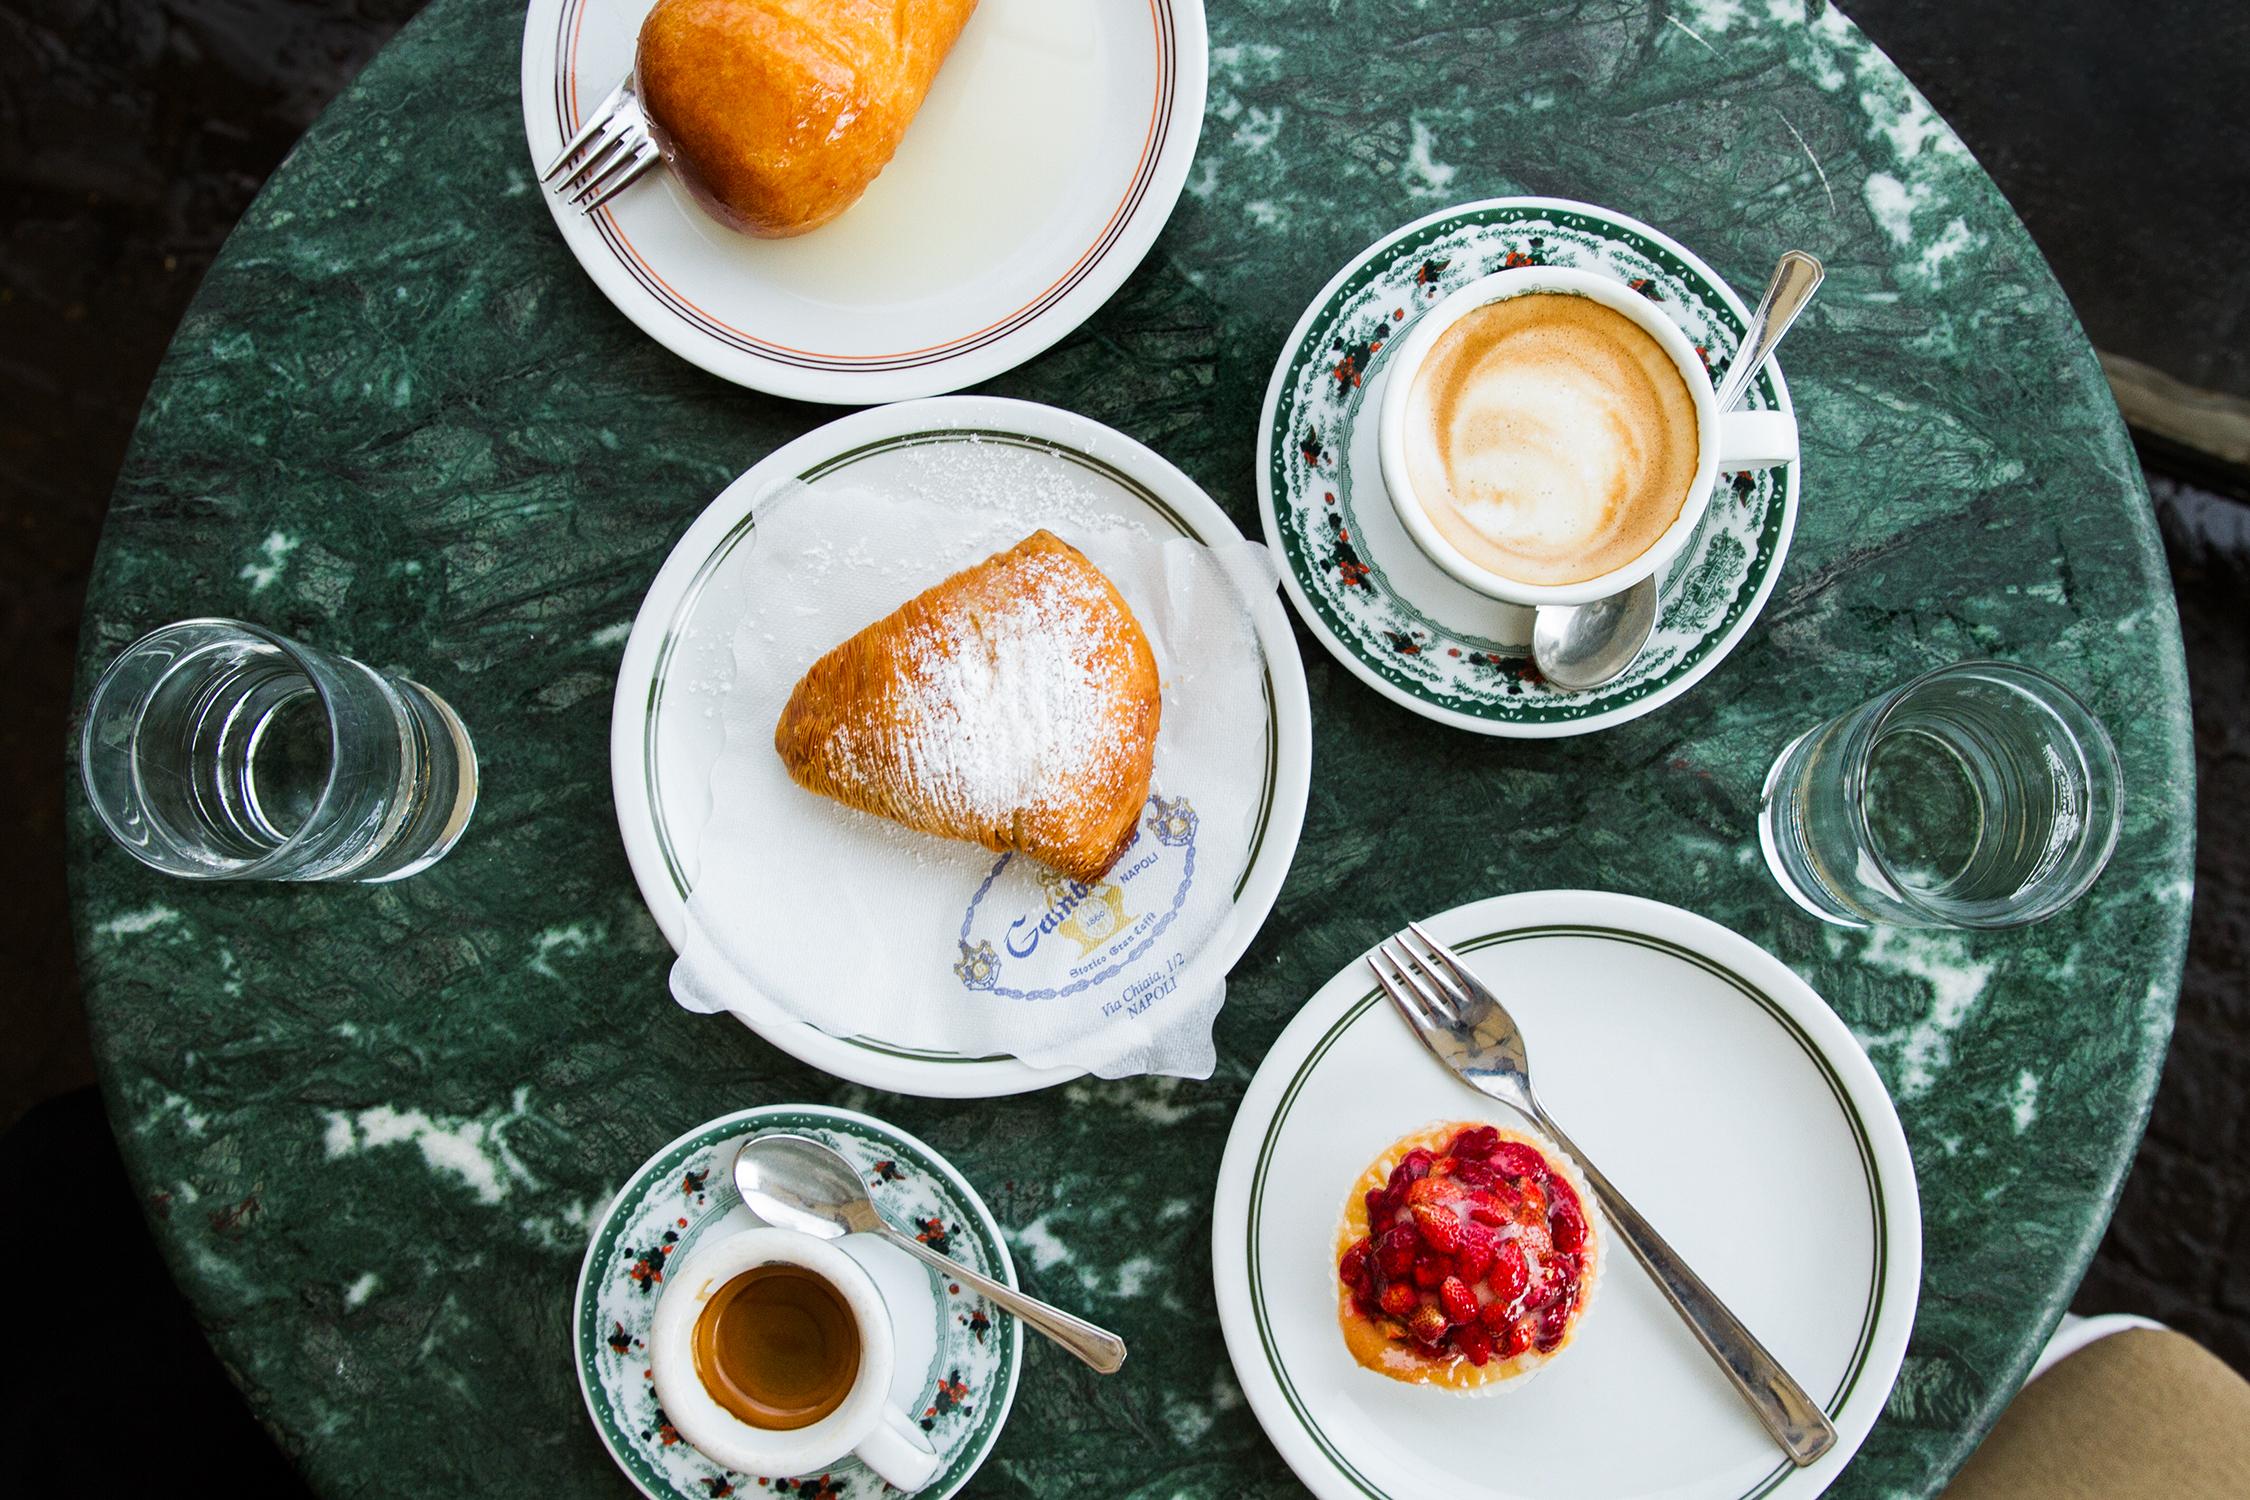 Gran Caffe Gambrinus | Via Chiaia 1/2 (P.zza Trieste e Trento), 80132 Napoli